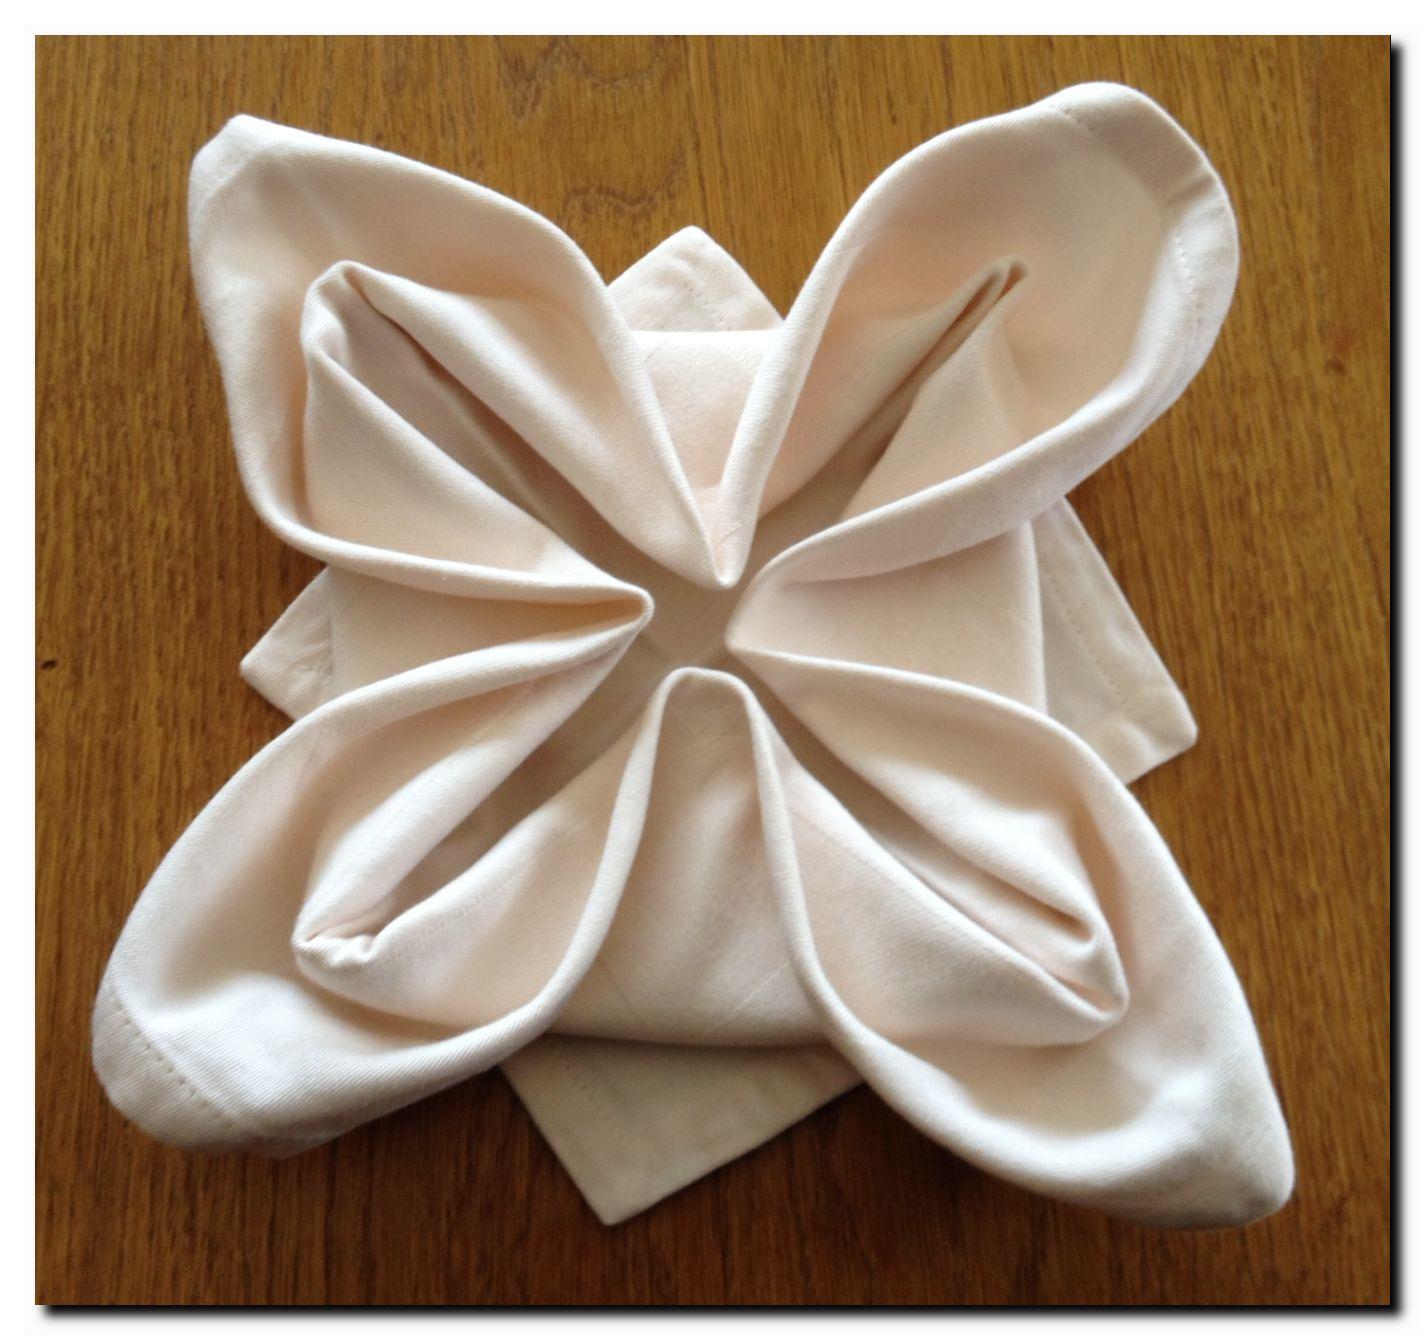 Pliage de serviettes en fleur de lys blog de daniel - Pliage de serviette en forme de fleur ...